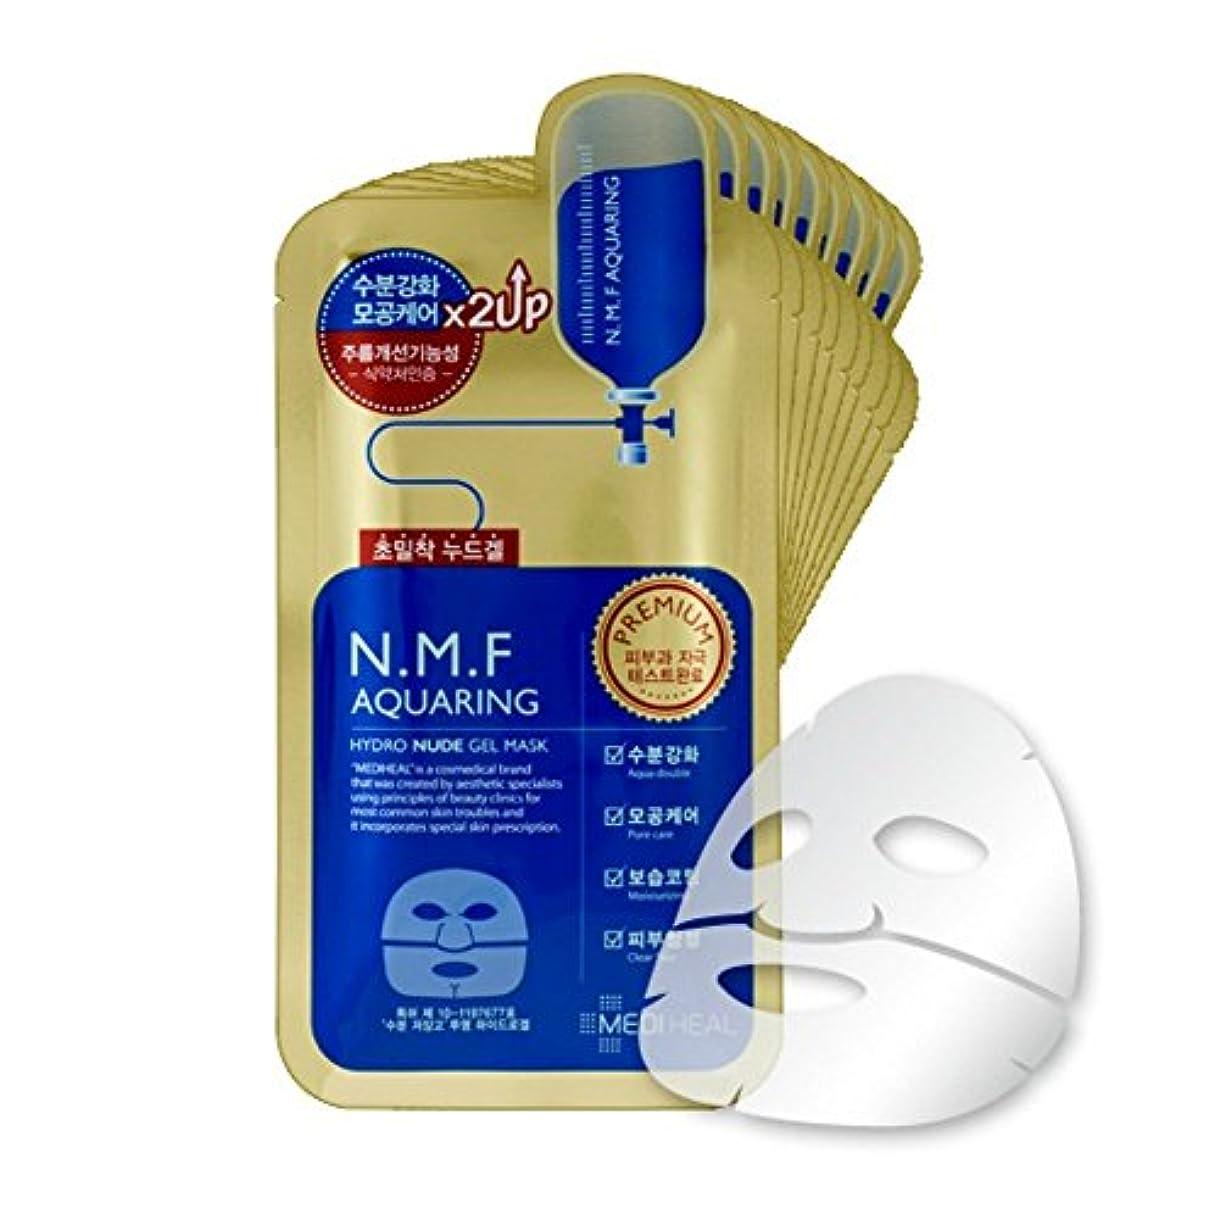 マダム上げる思慮深いMEDIHEAL メディヒール NMF アクアリング ヌード ゲルマスク (10枚) [Mediheal premium NMF AQUARING Hydro Nude Gel 10 sheets] [並行輸入品]